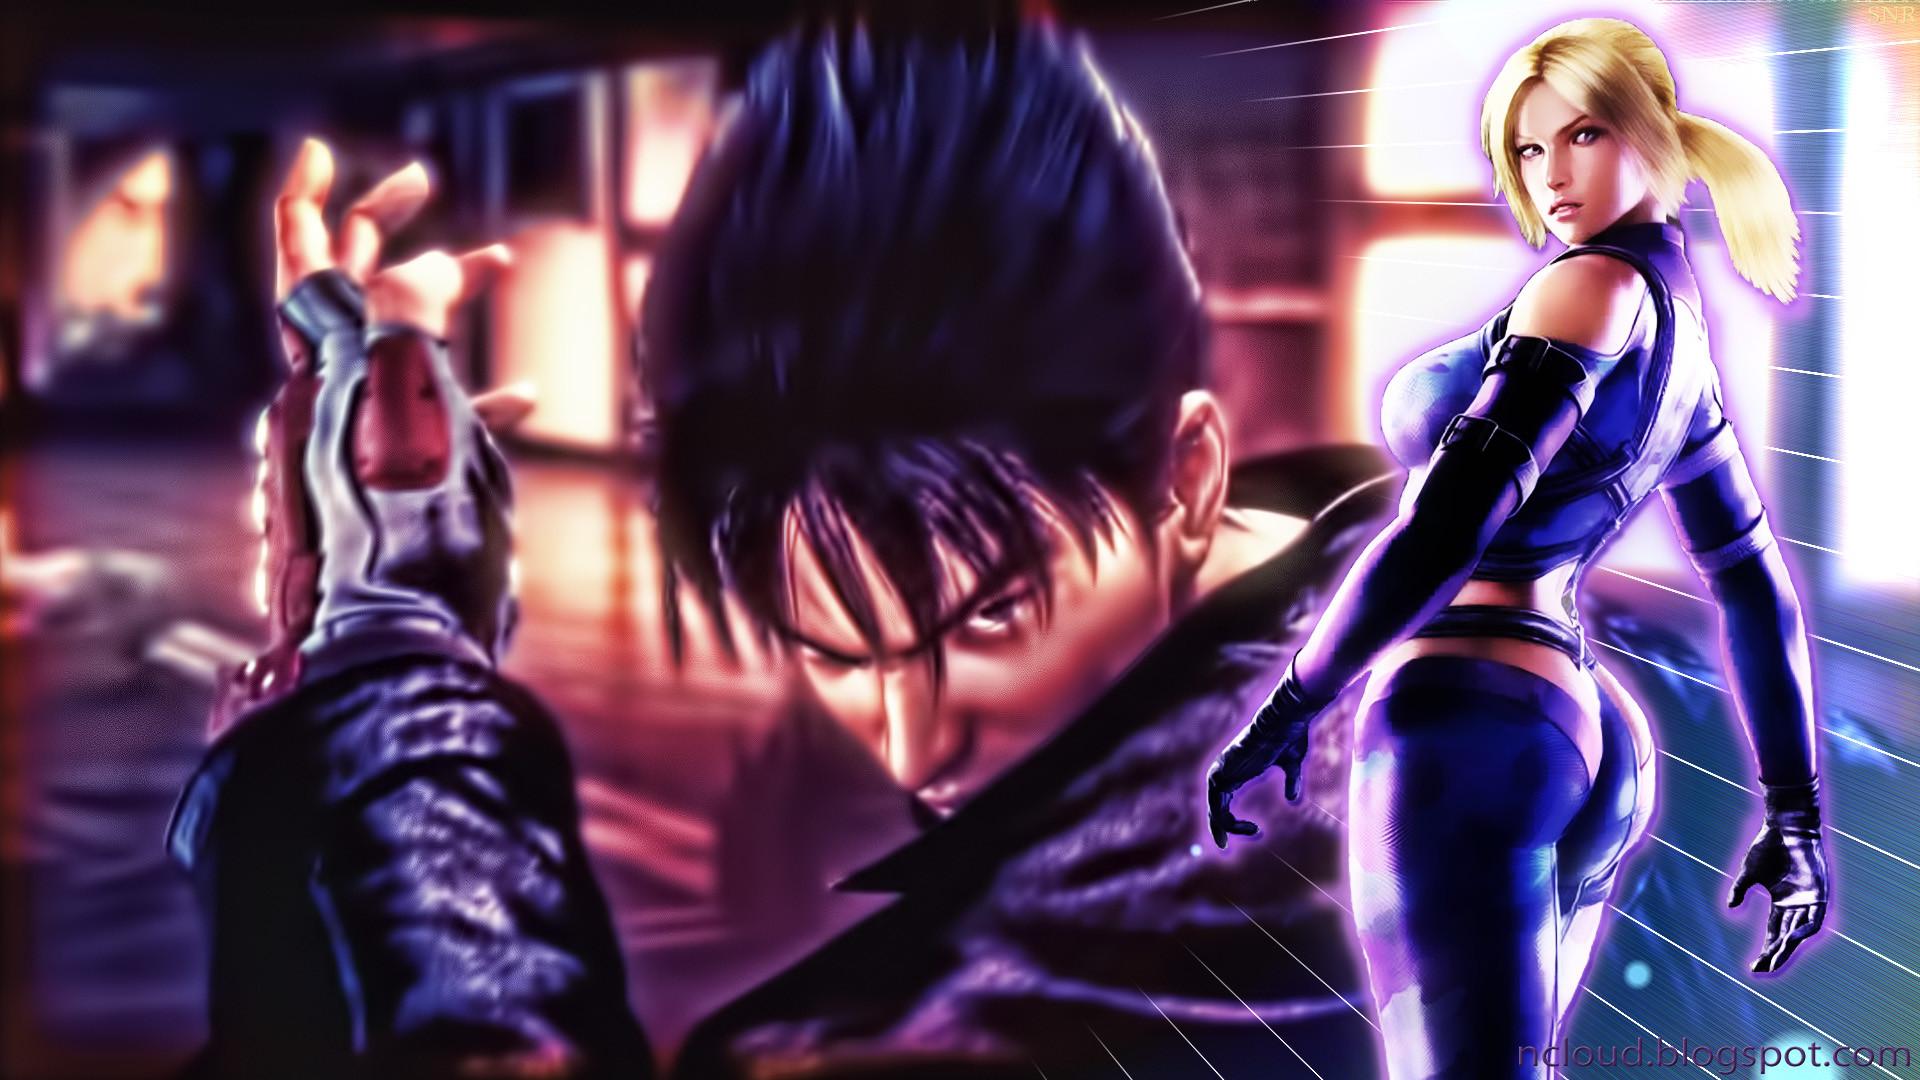 Tekken 6 Wallpapers 62 Images